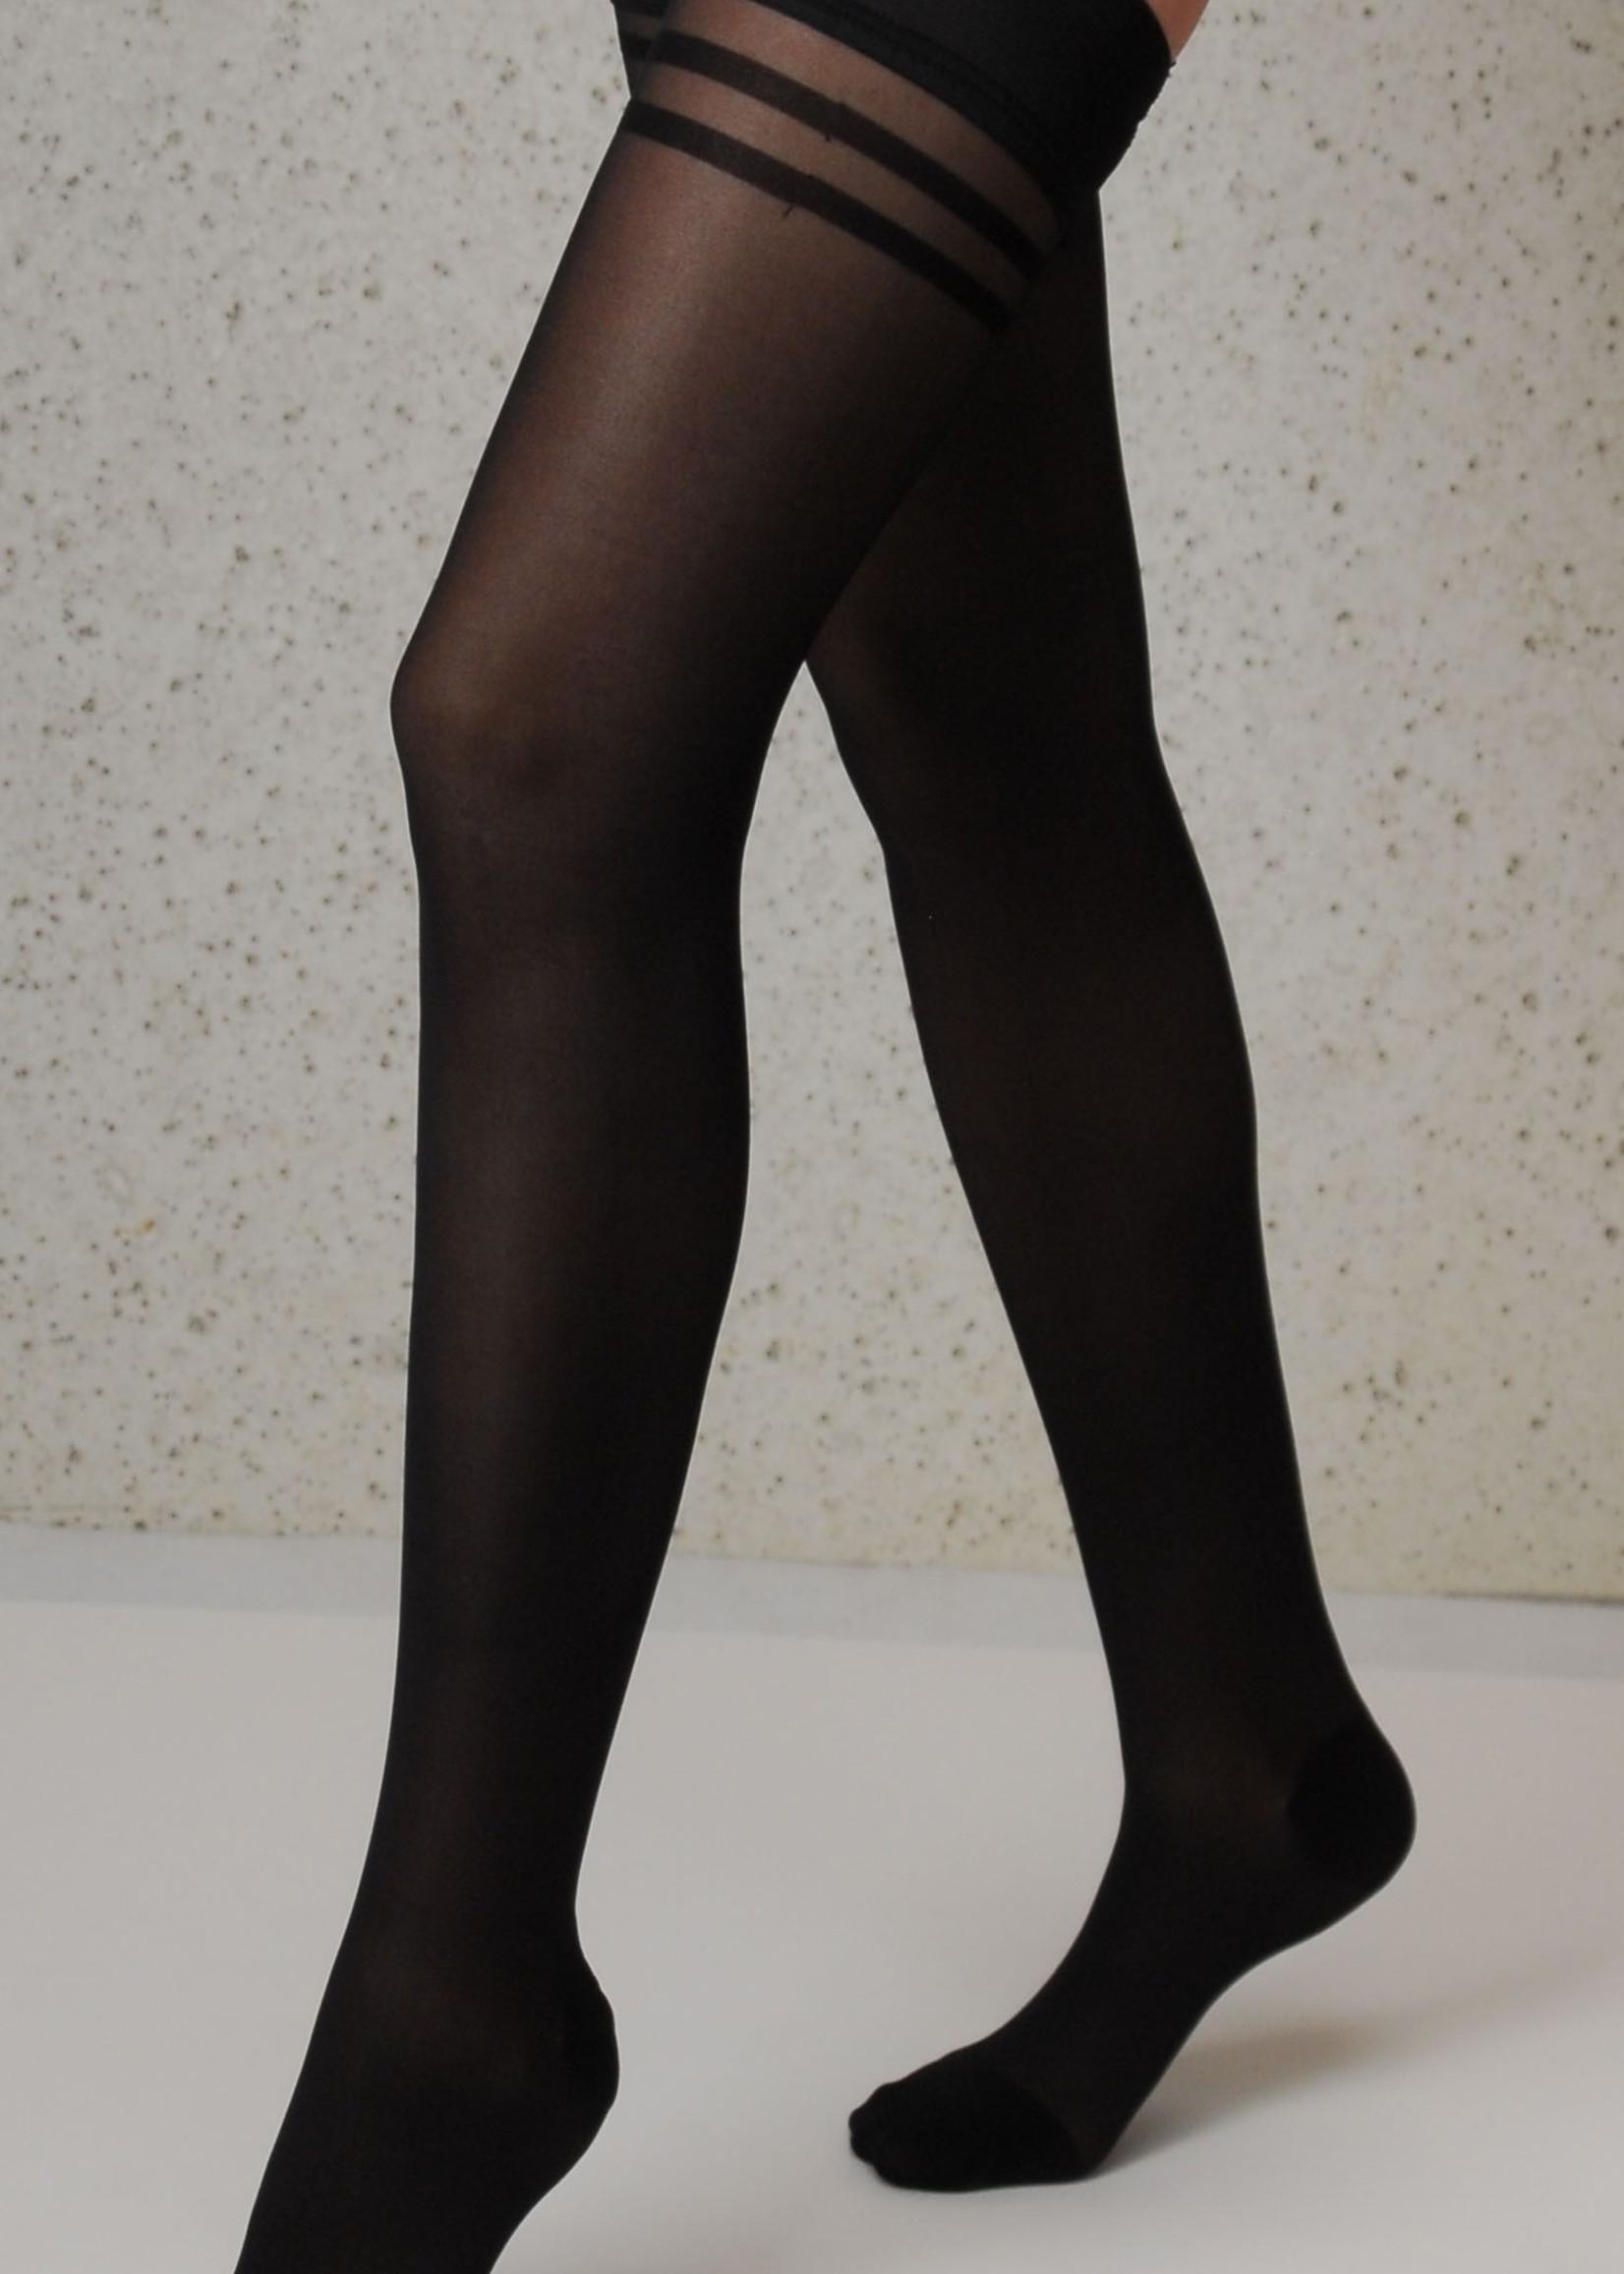 Segretta Segretta Silhouette 70 DERM® Stay Up met Medium Compressie - Zwart